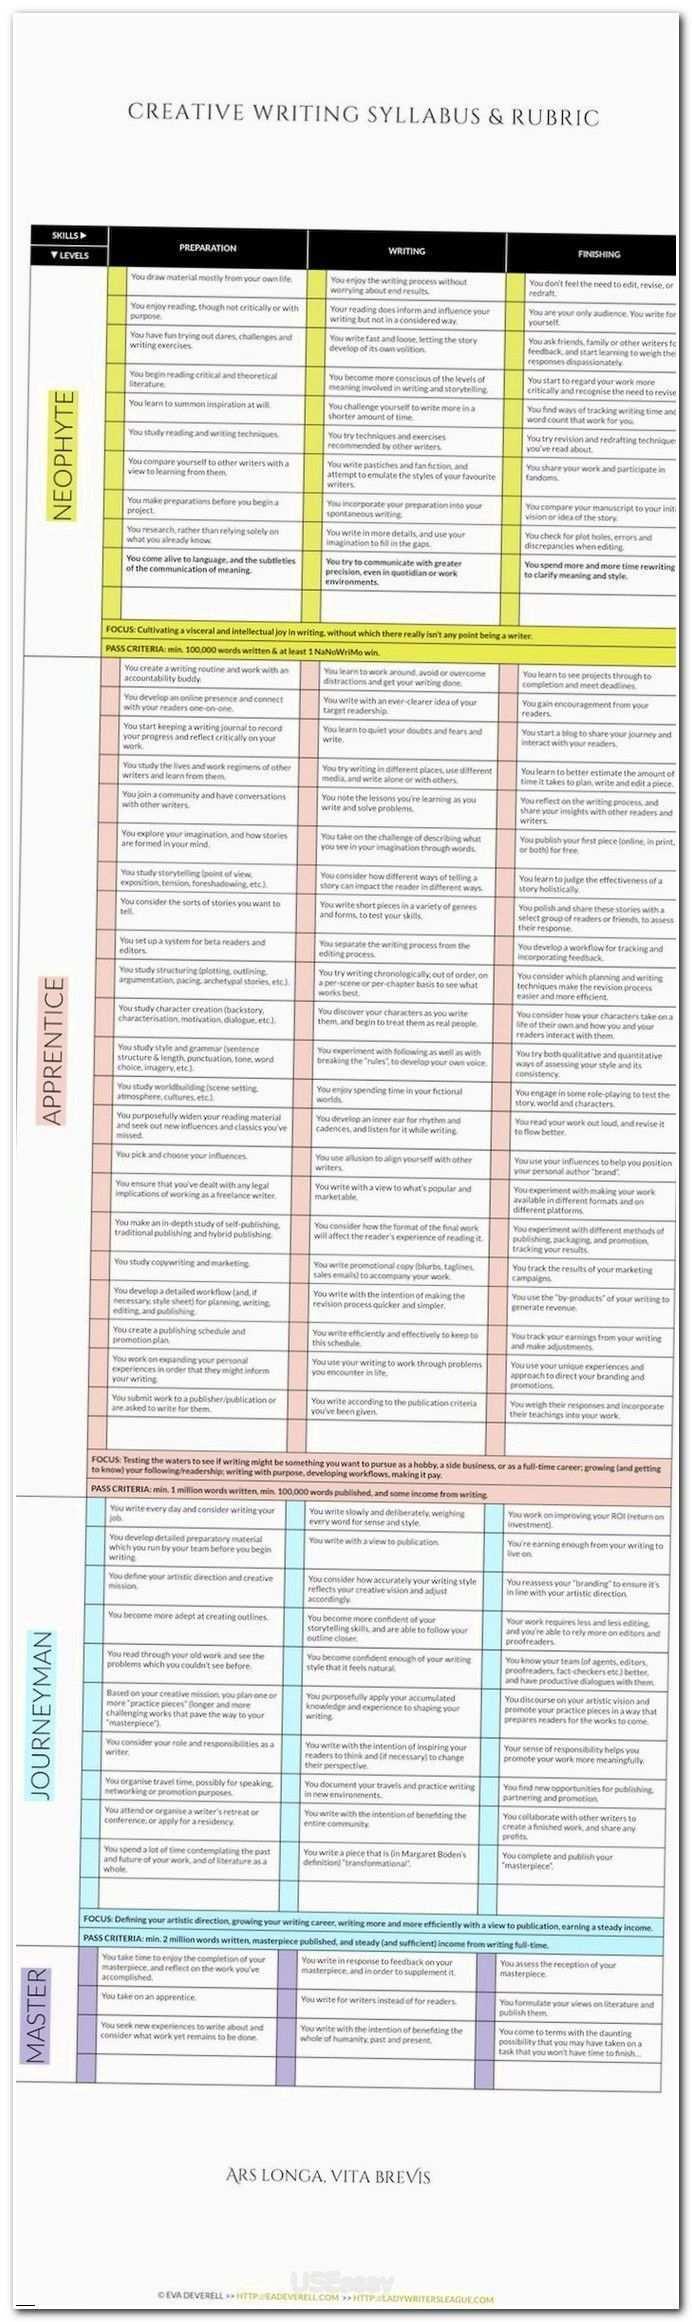 Essay Essayuniversity Beispiel Eines Kurzen Essays Uber Bildung Expository Story Essay Writing University Expository Essay Persuasive Writing